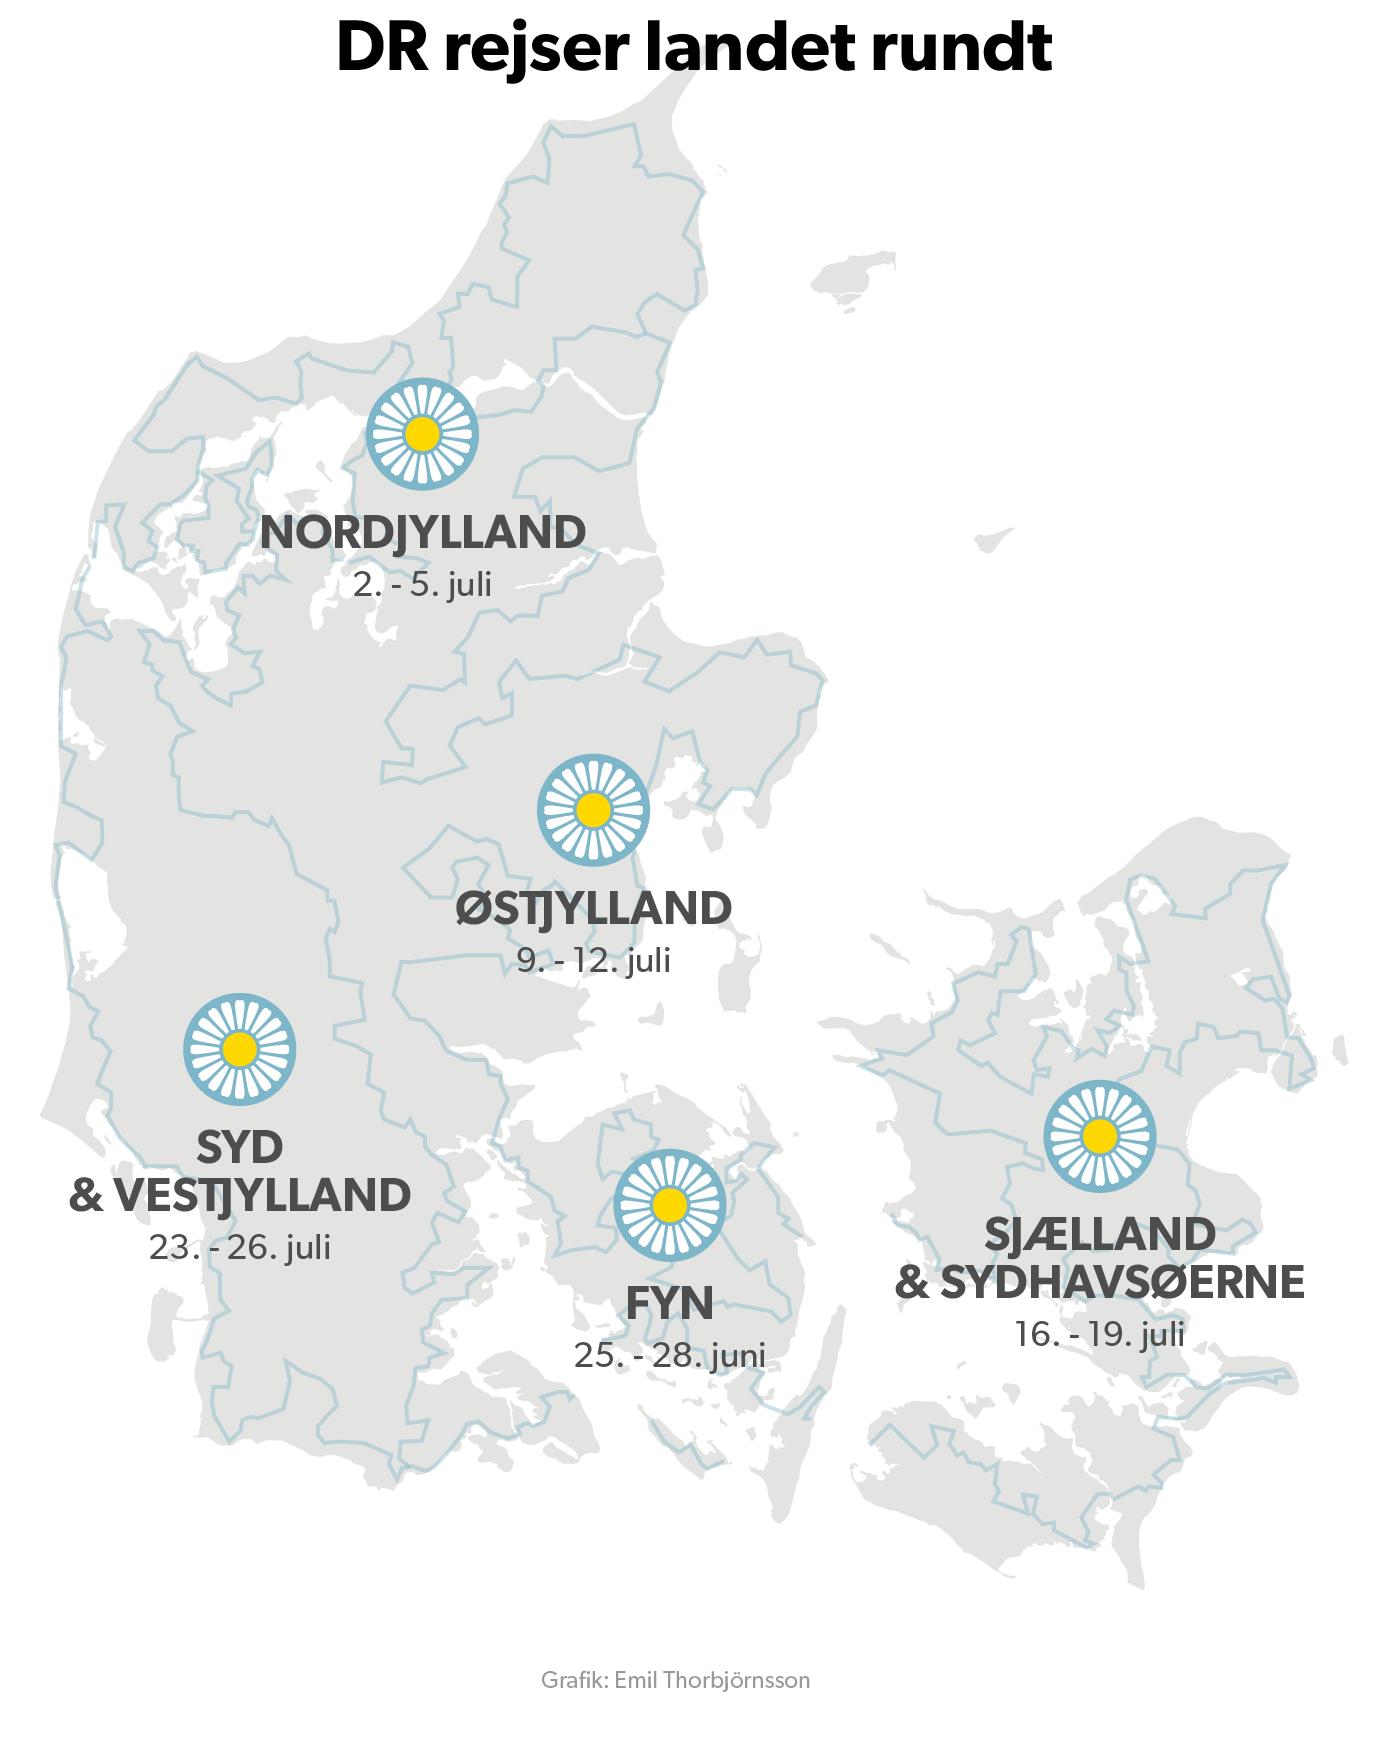 På kortet kan du se, hvor DR Vejret rejser hen de næste uger. Tirsdag er turen kommet til Ejerslev Havn på Mors. Du kan sende dine sommerbilleder til vejret@dr.dk eller 1212@dr.dk.